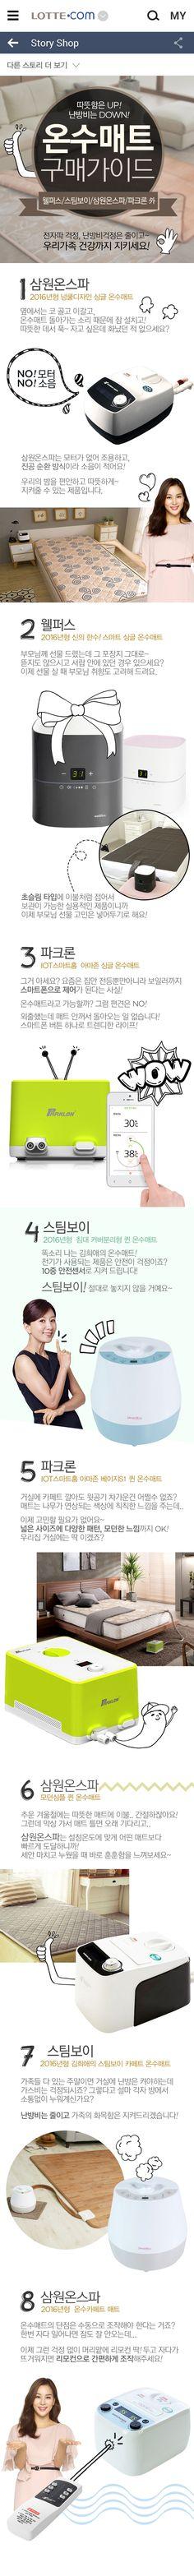 :::::롯데닷컴 스토리샵::::: 온수매트 구매가이드 Designed by 정유영